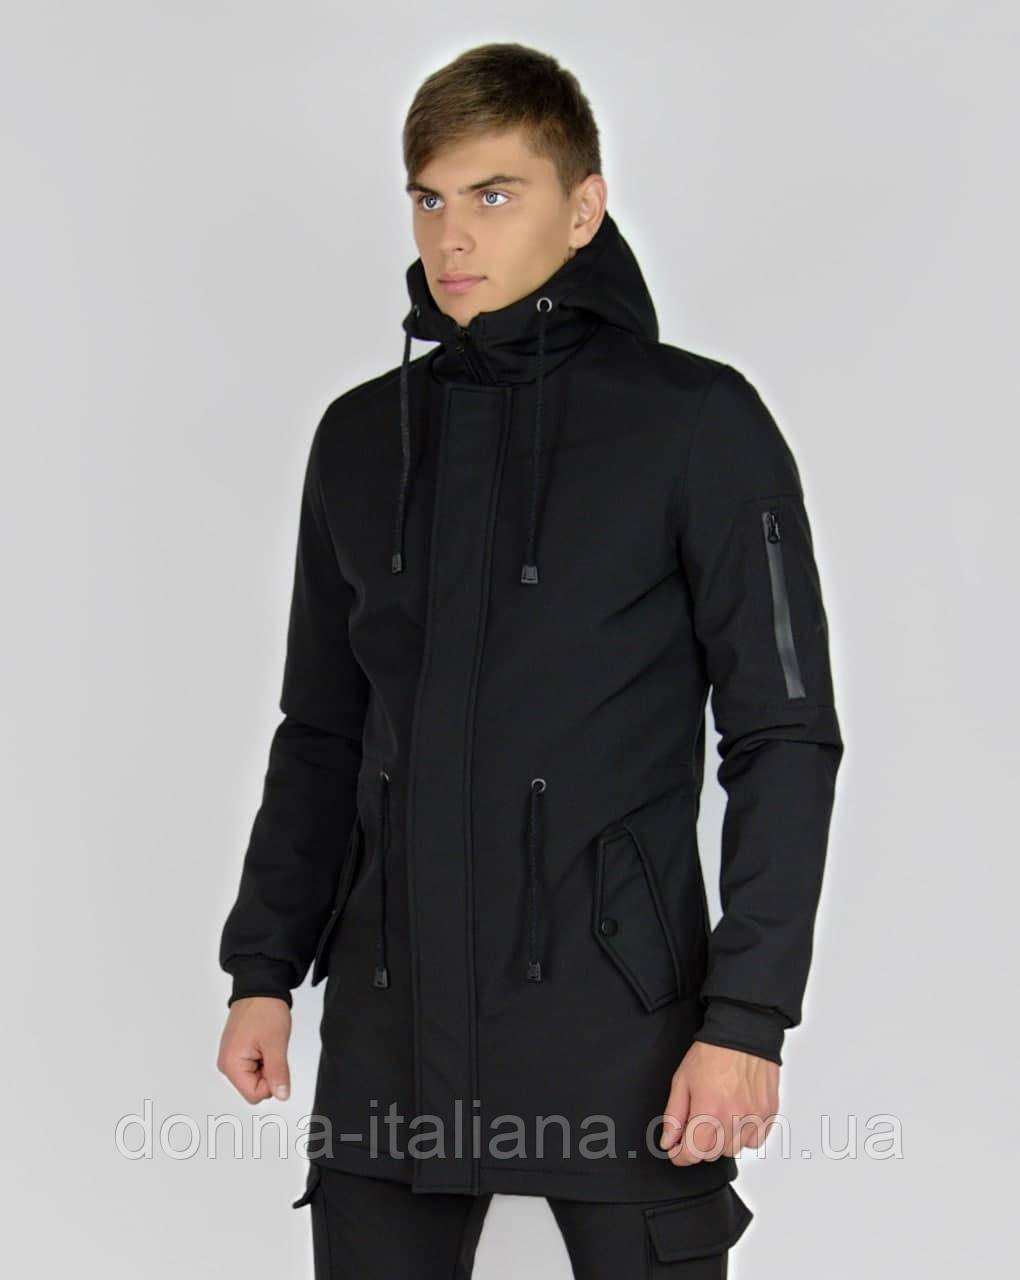 Куртка Intruder Softshell V2.0 черная S (1604481427 )